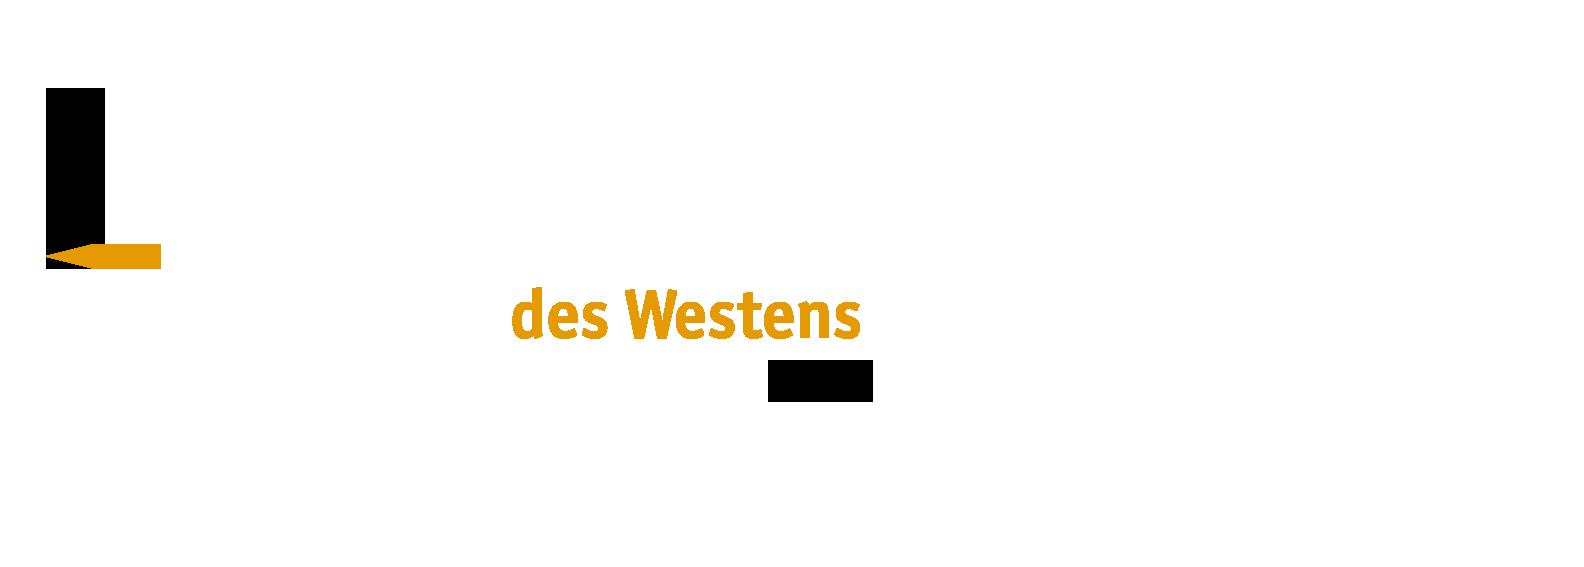 Gesundheitskongress des Westens